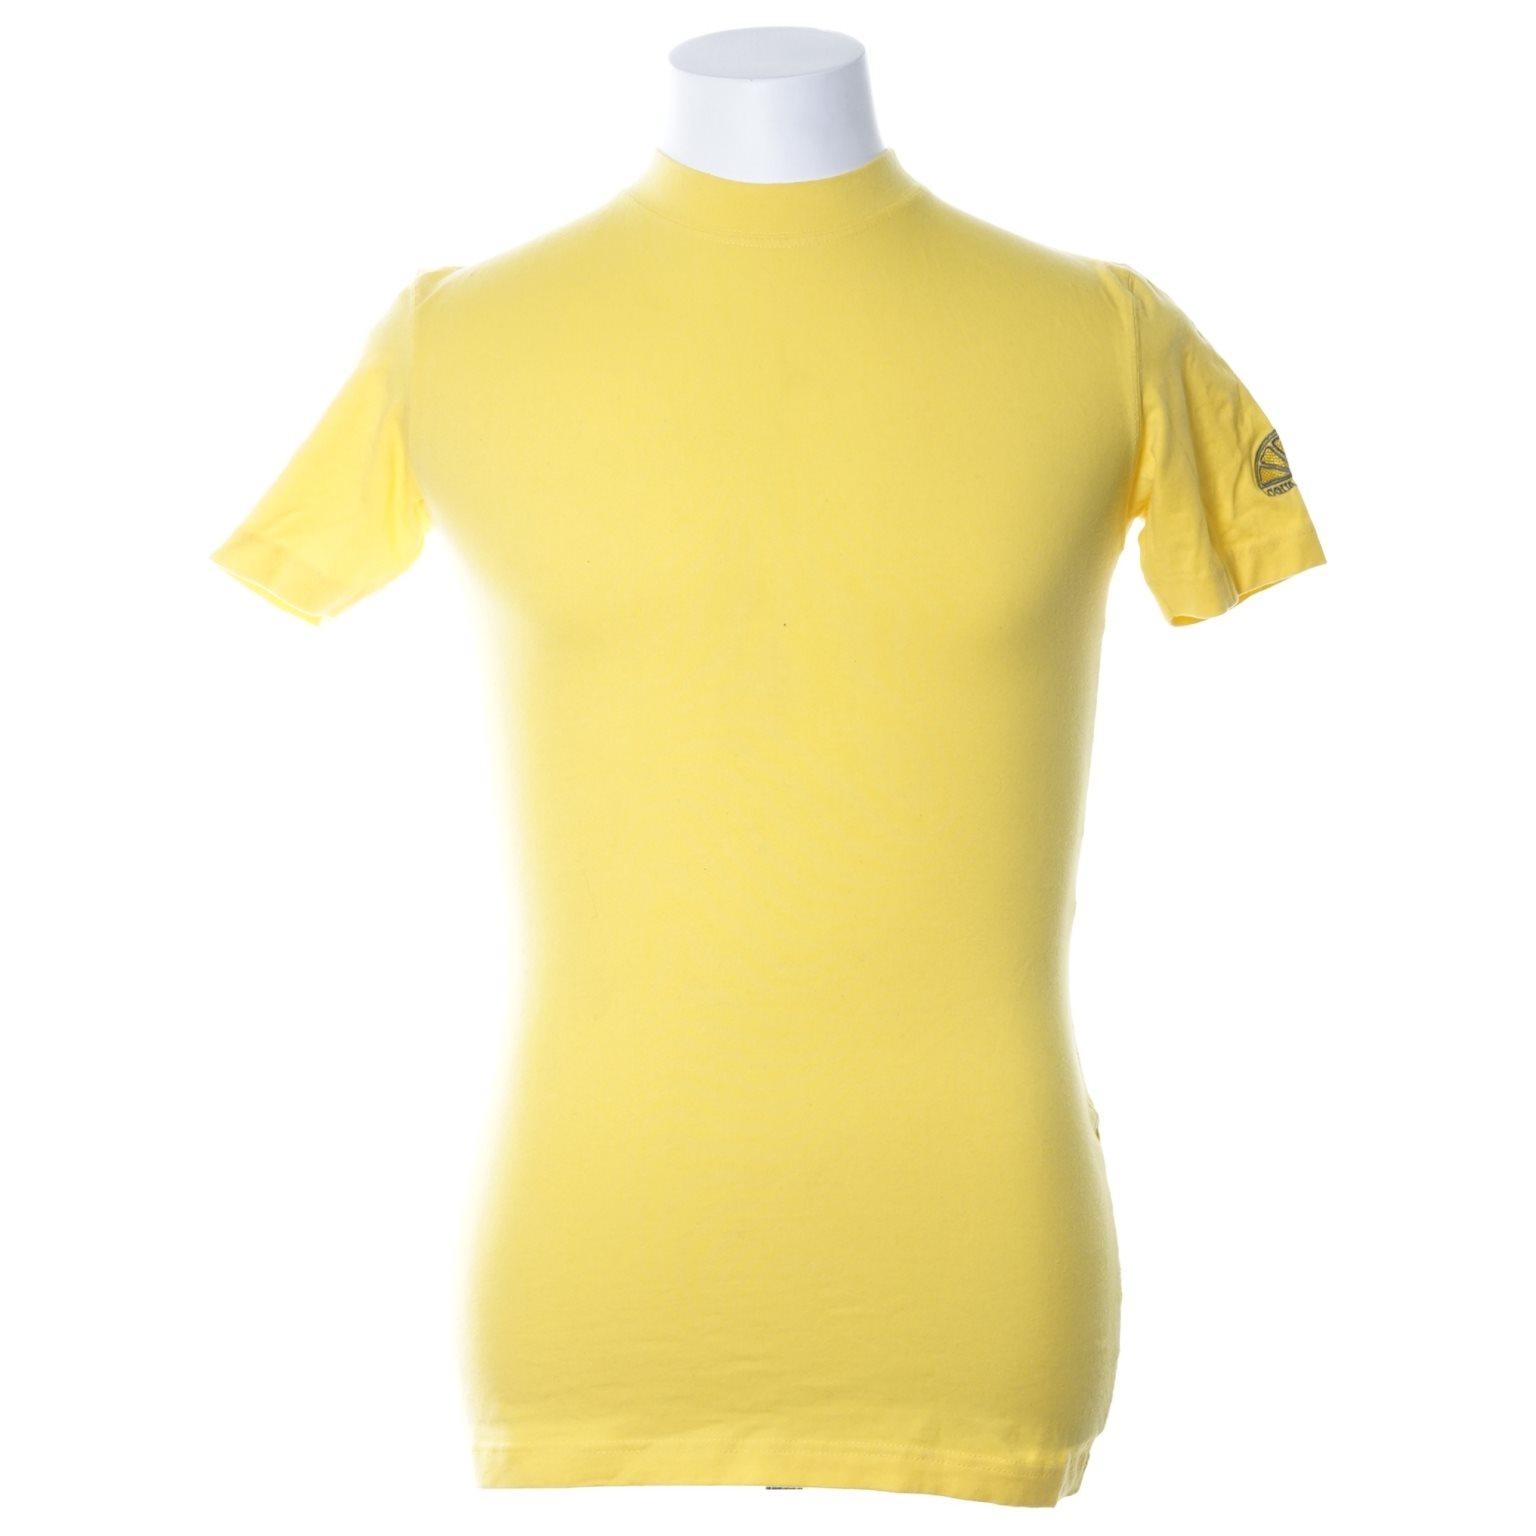 Acqua Limone, T-shirt, Strl: M, Gul